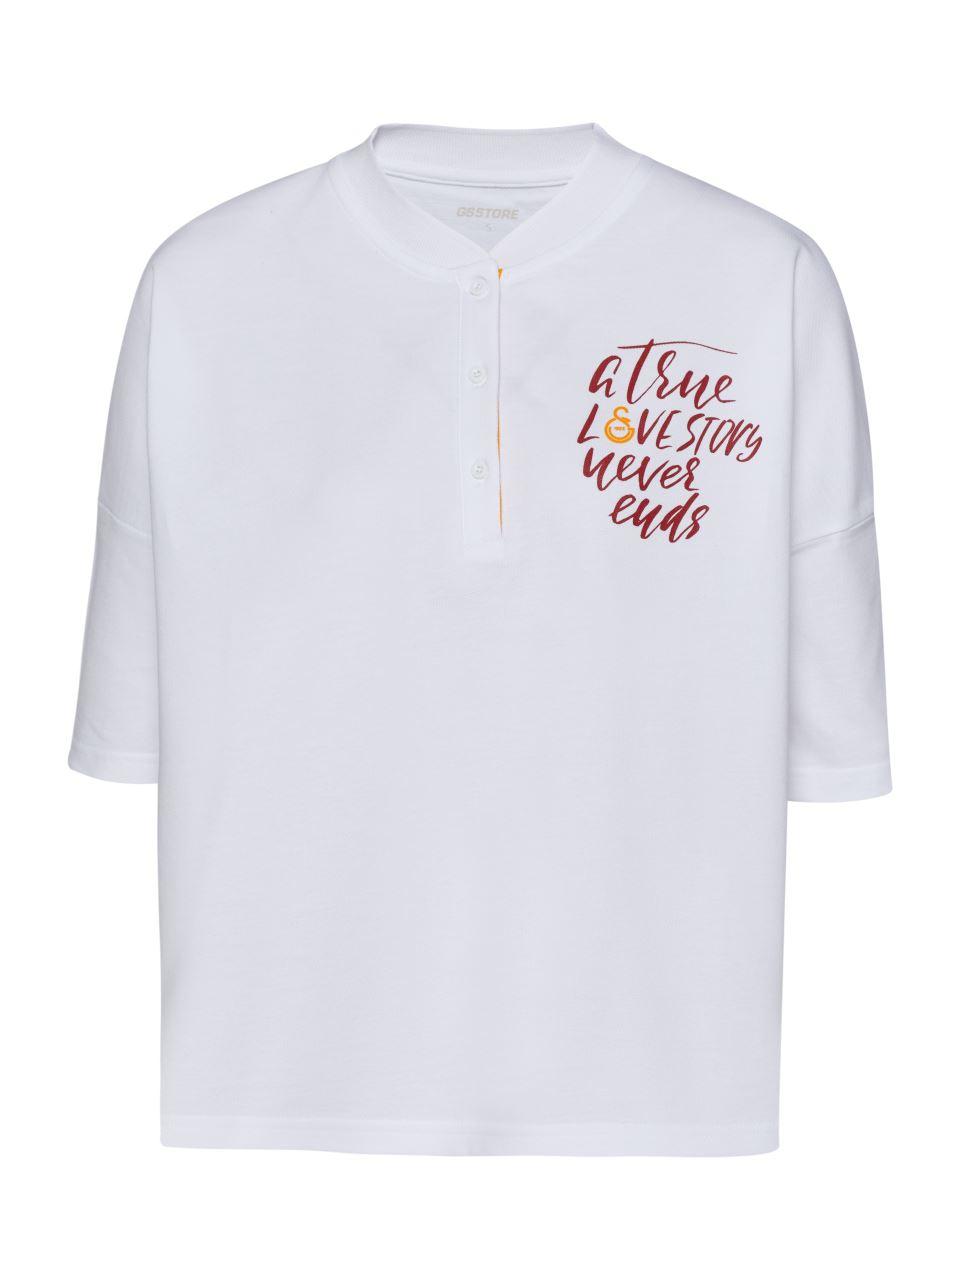 Galatasaray Polo Yaka Kadın T-shirt K191129